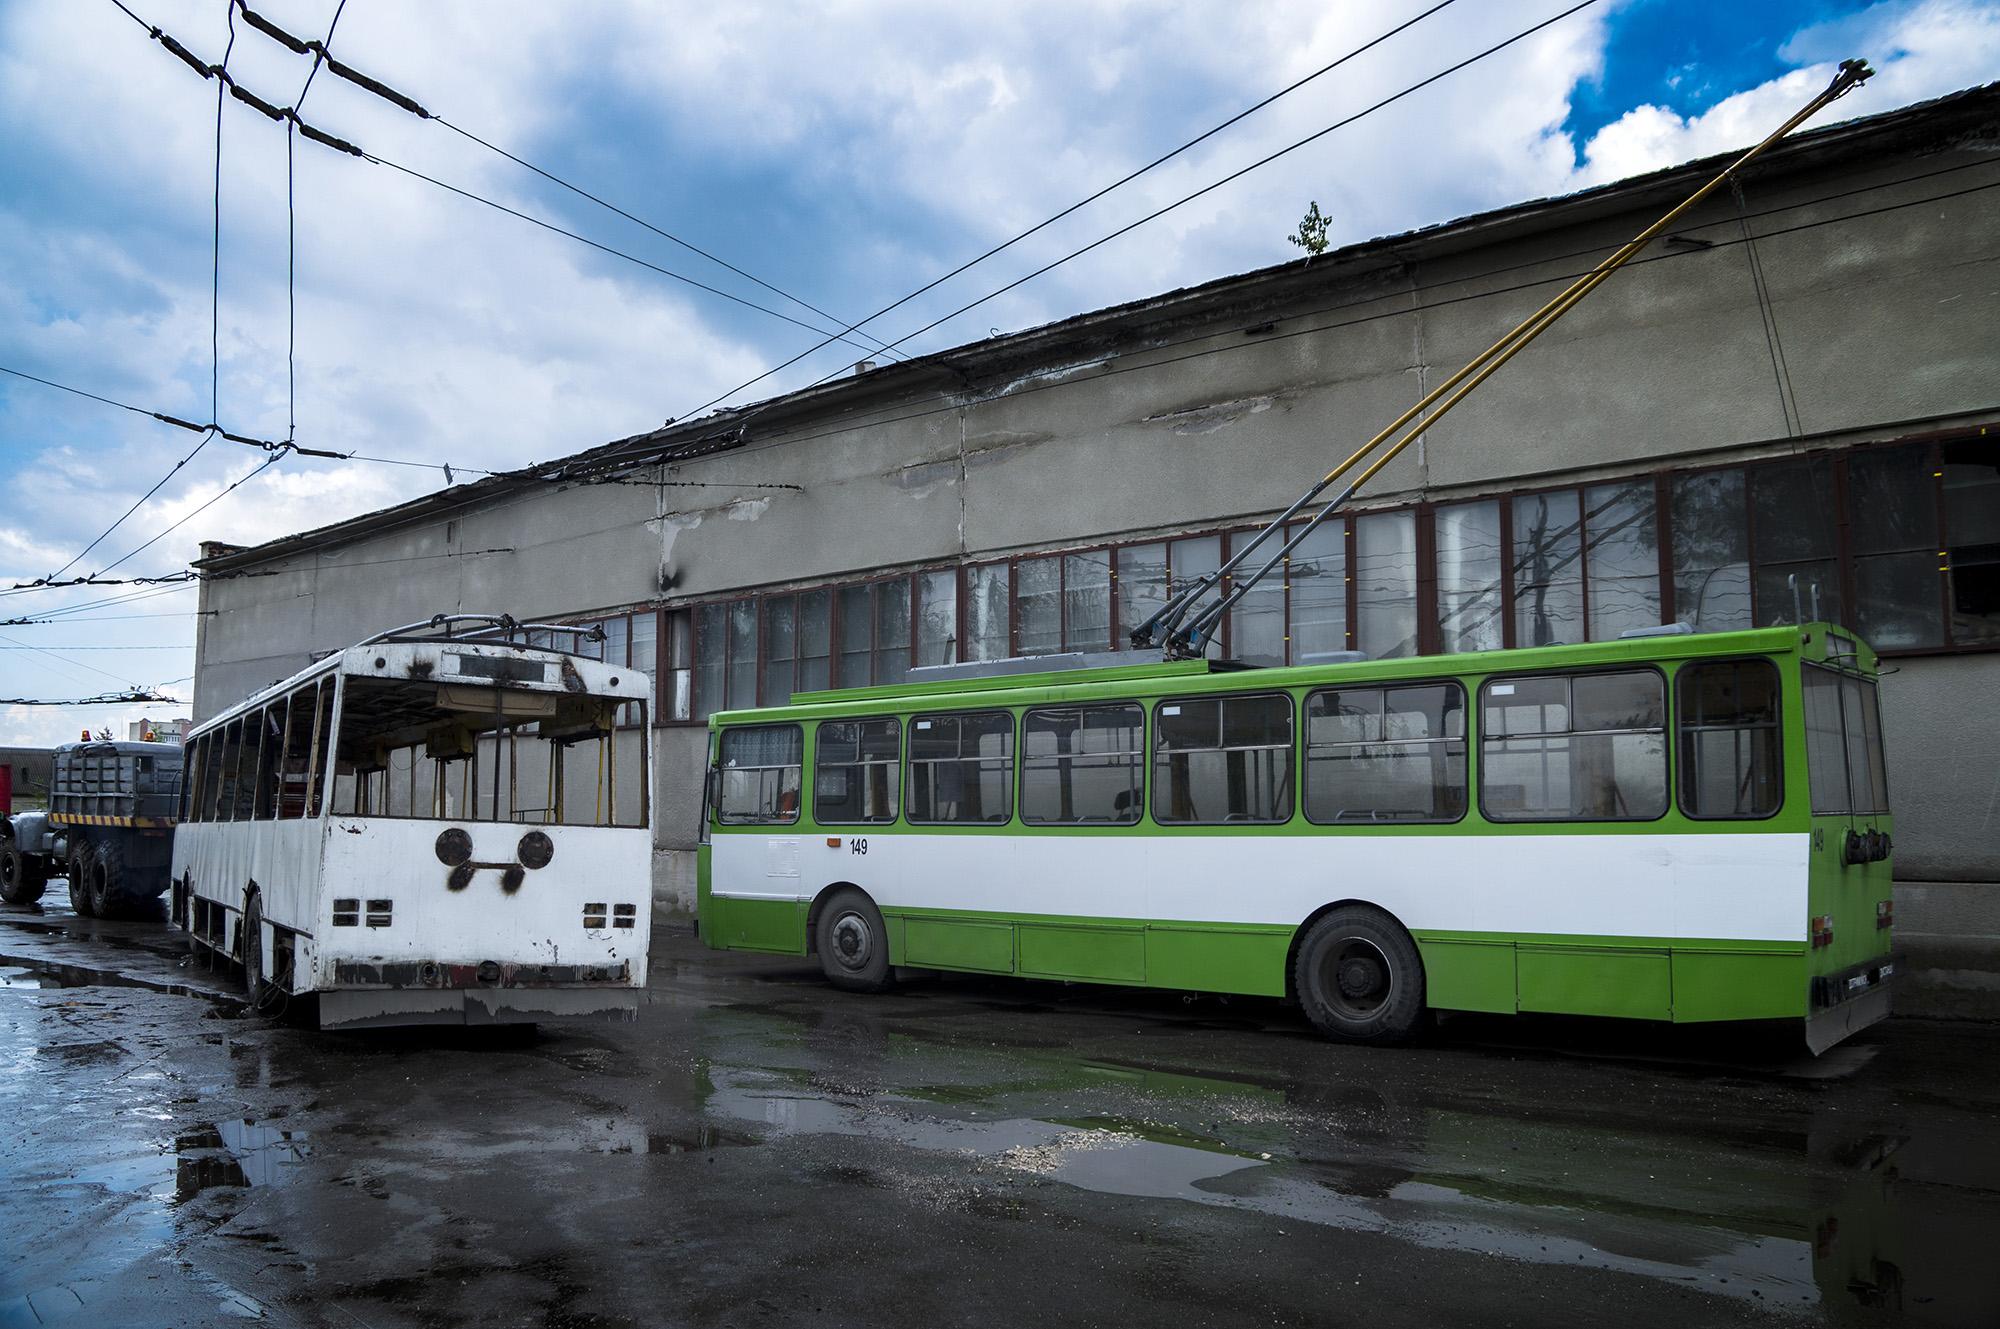 Ще один старий тролейбус отримає нове життя